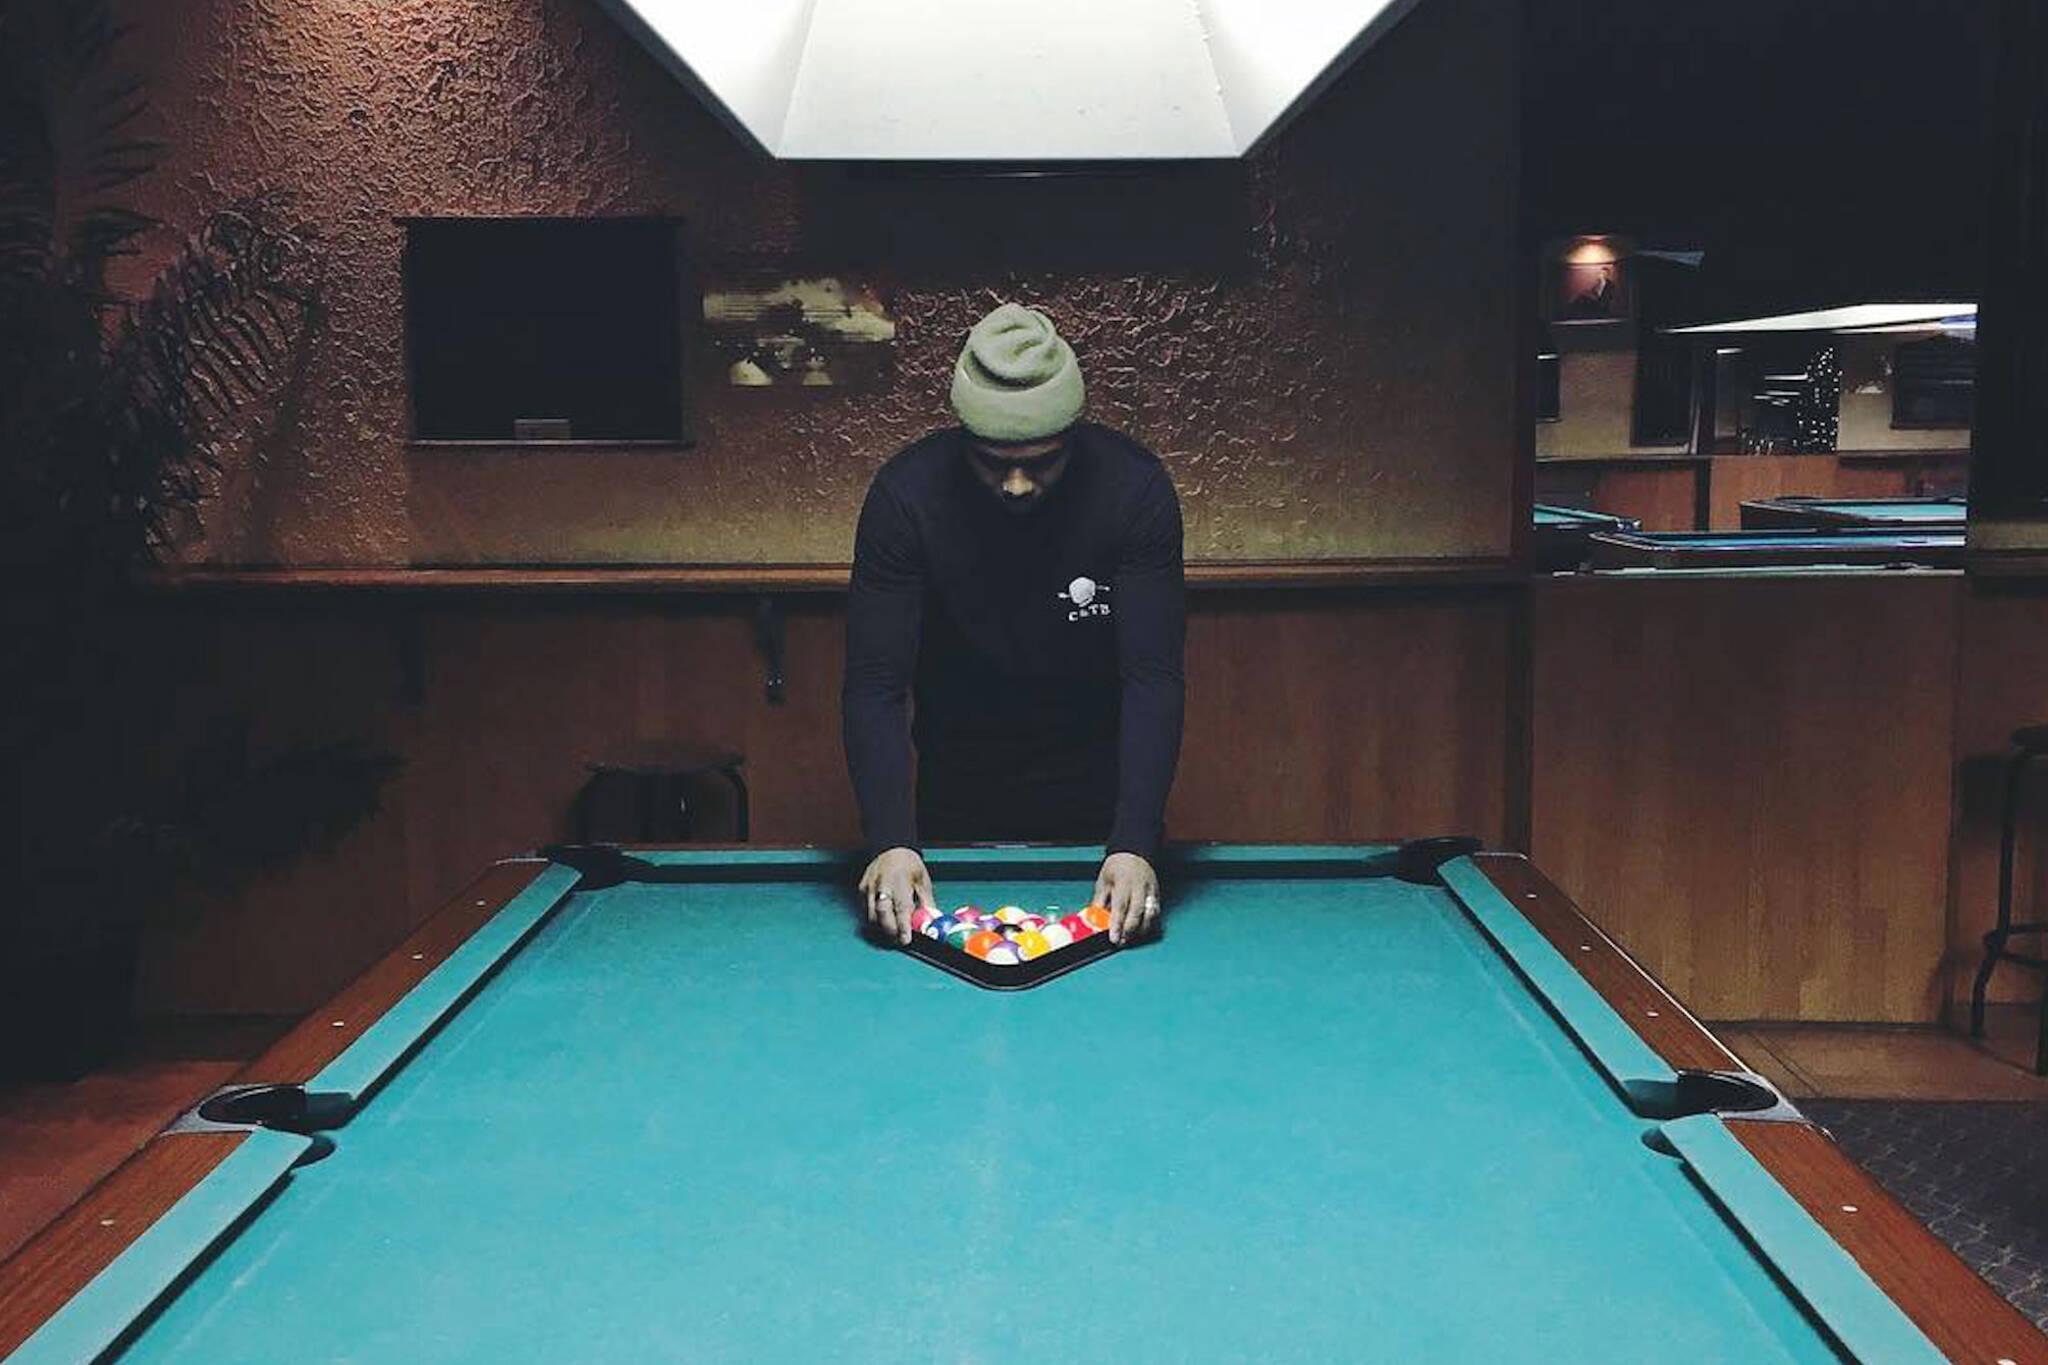 annex billiards